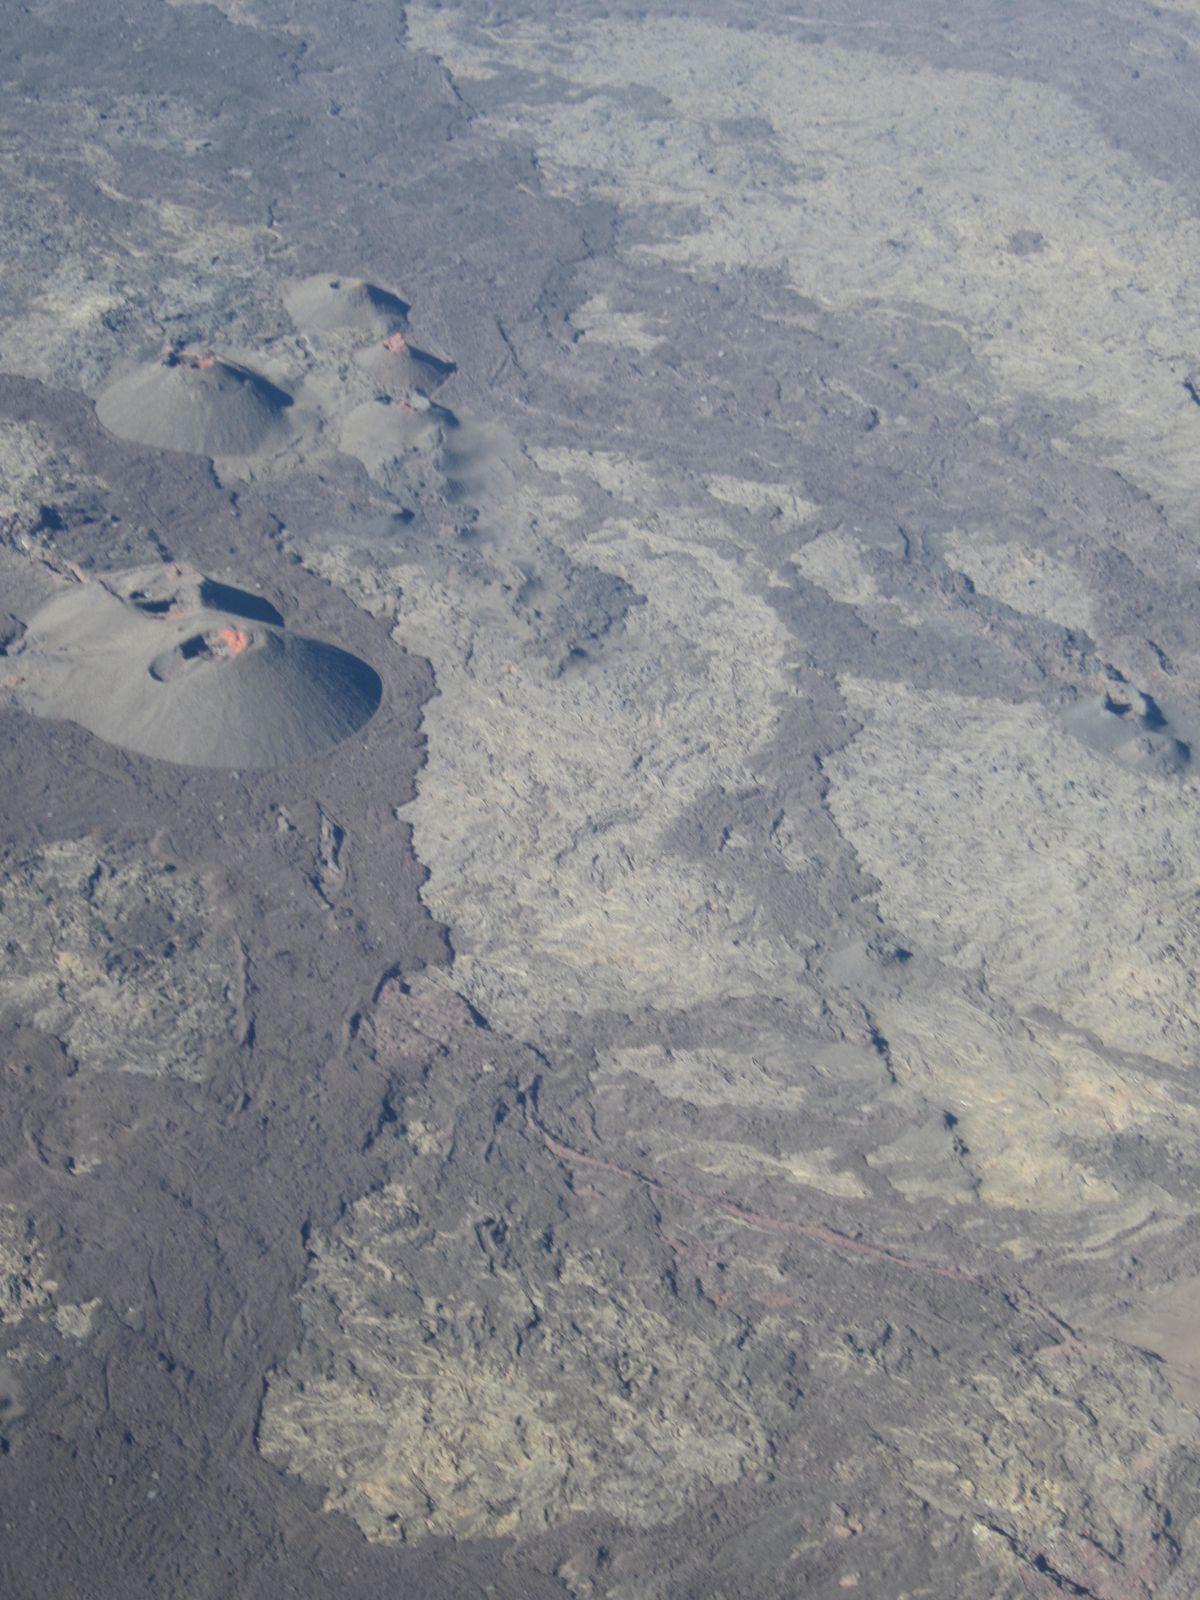 Le cratère Dolomieu est long de 1100 mètres  sur 750 mètres de large, et profond de 350 mètres.